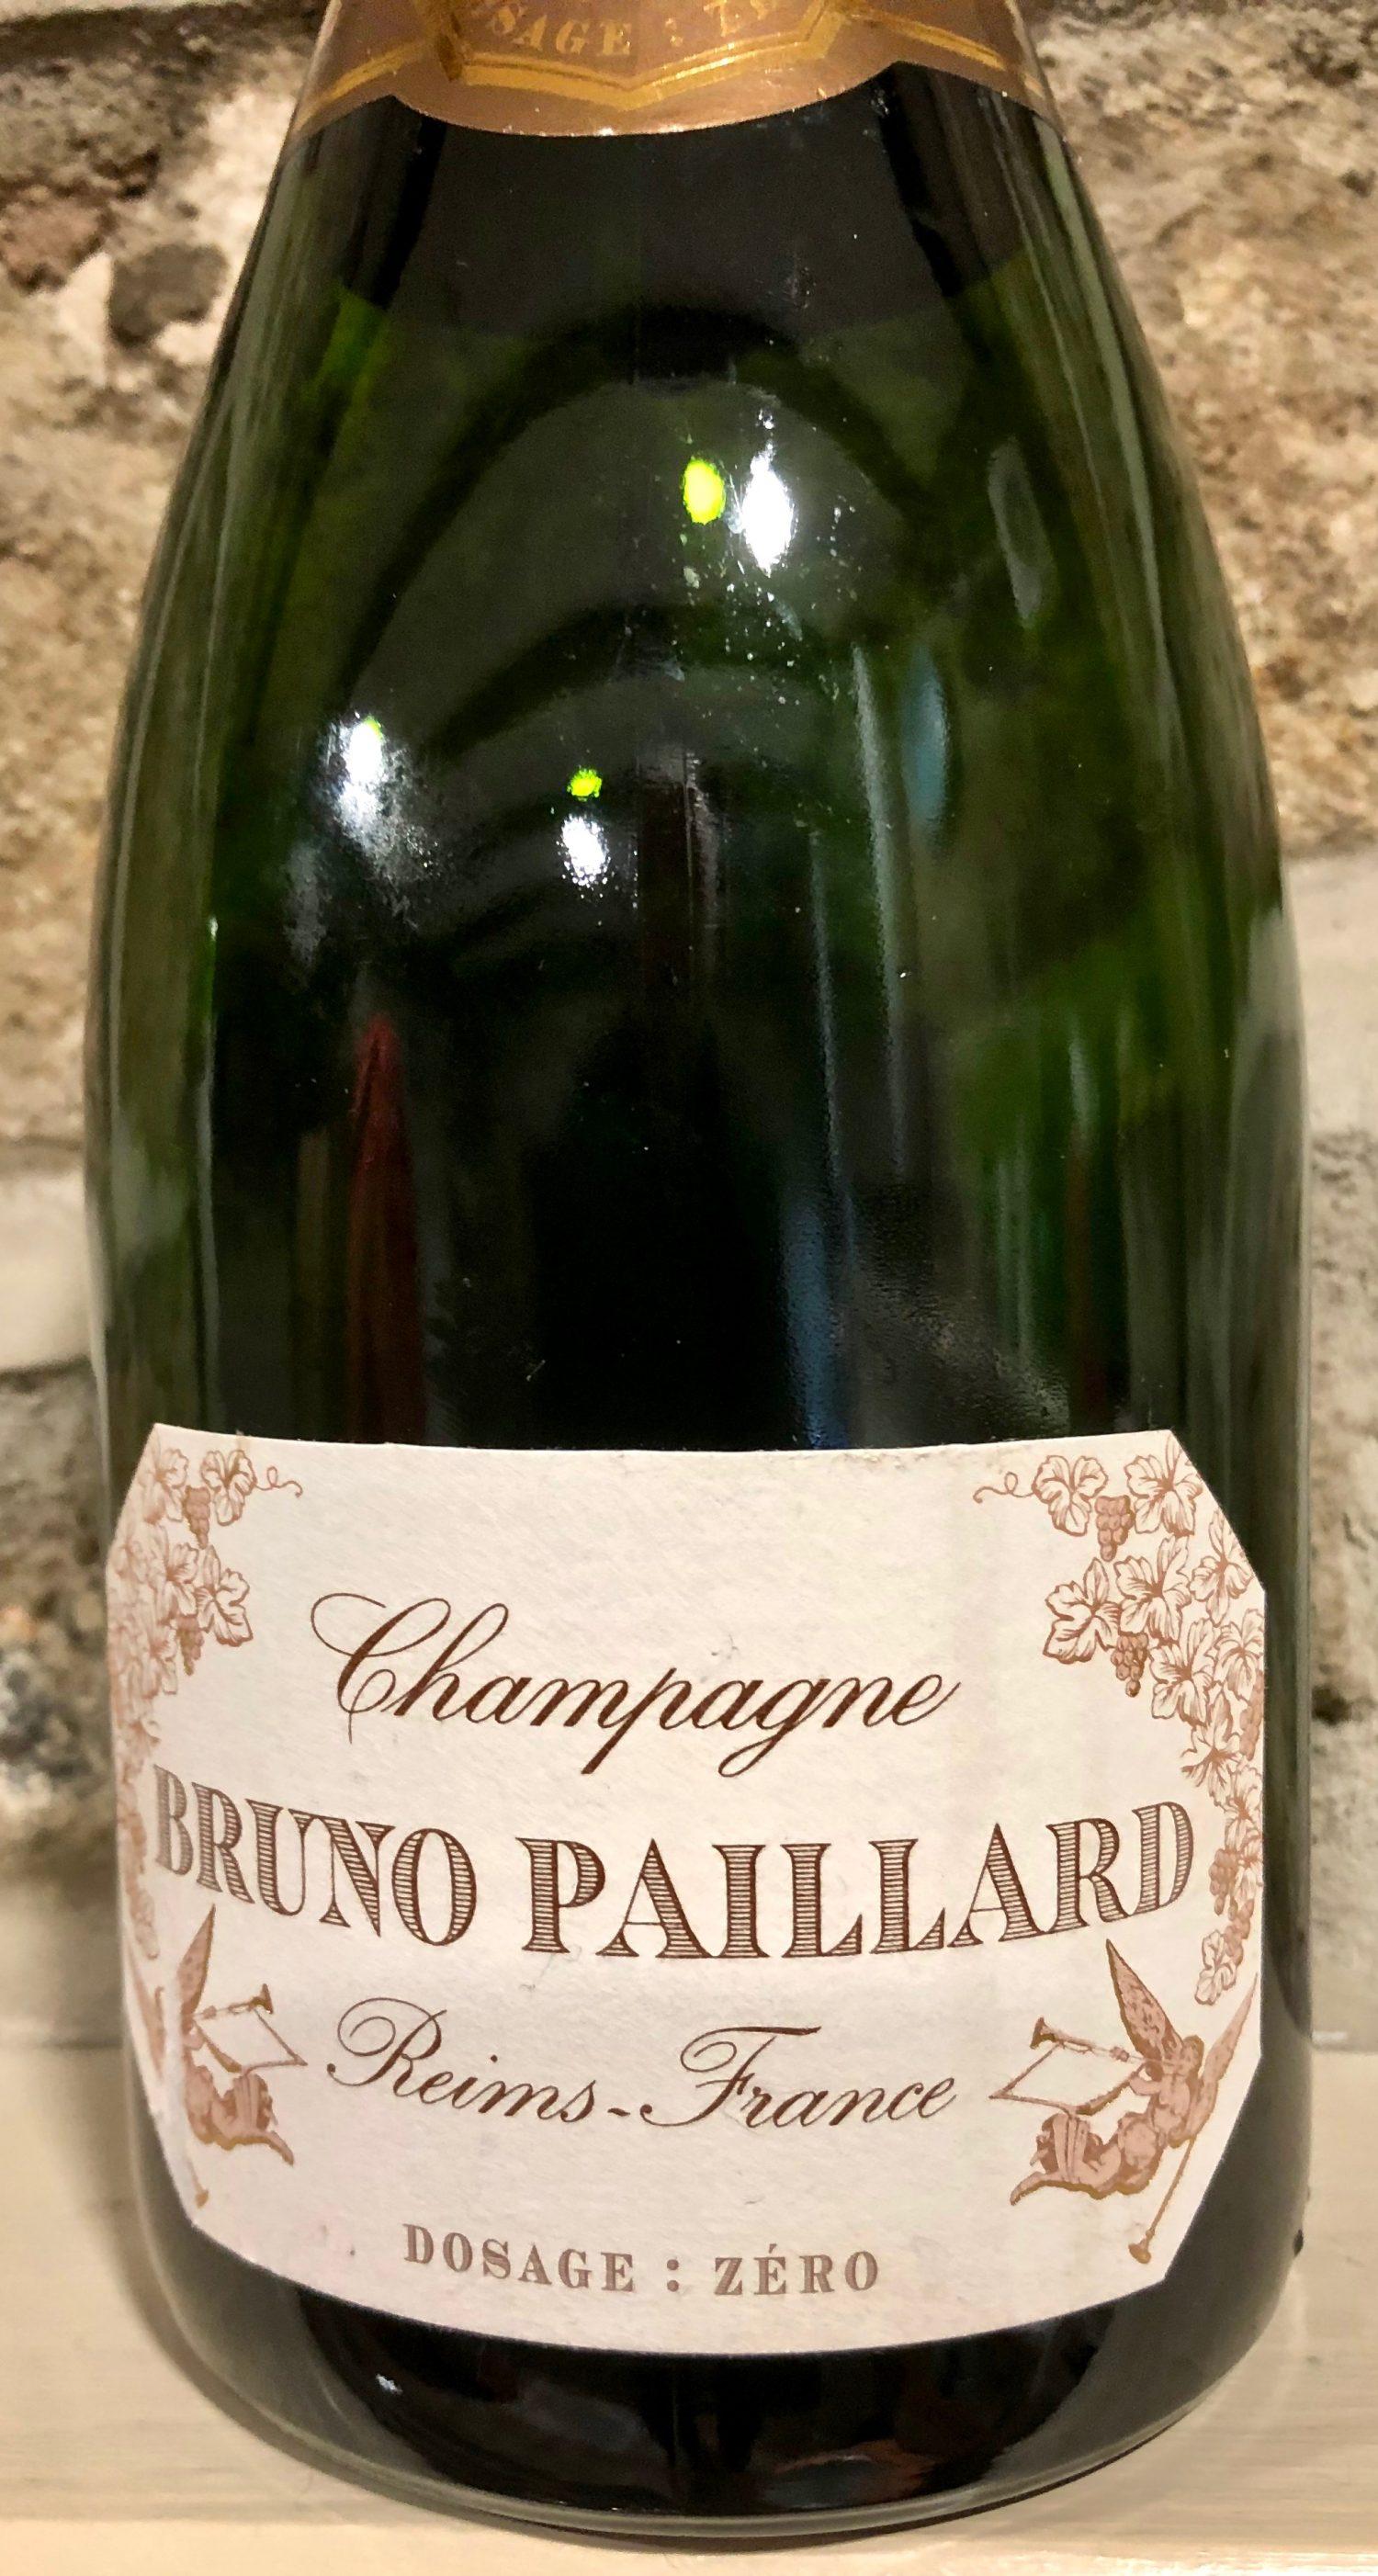 Champagne Bruno Paillard Dosage Zero